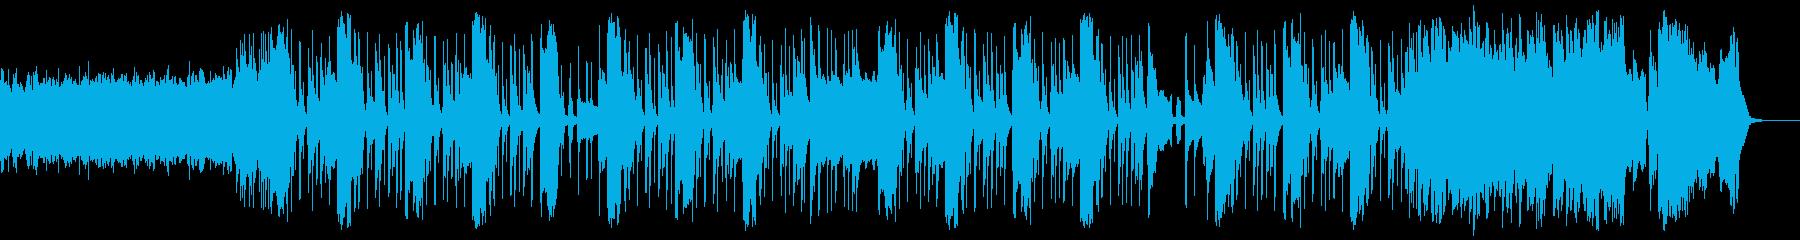 シンプルで若々しいギターロックの再生済みの波形